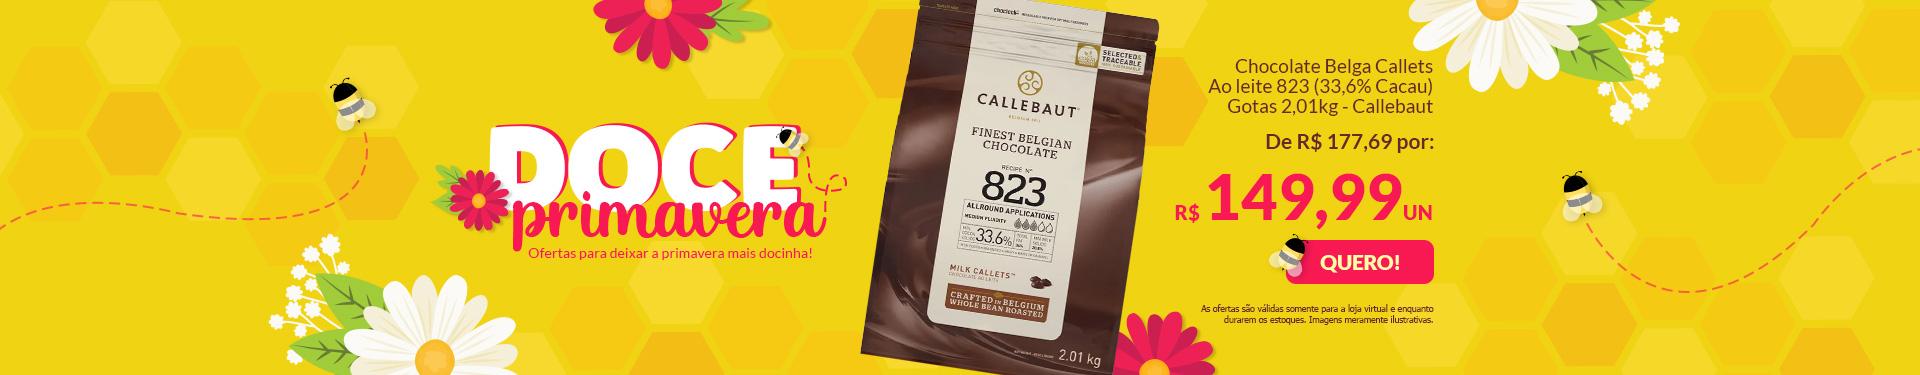 + CHOCOLATE BELGA CALLETS AO LEITE 823 (33,6% CACAU) - GOTAS 2